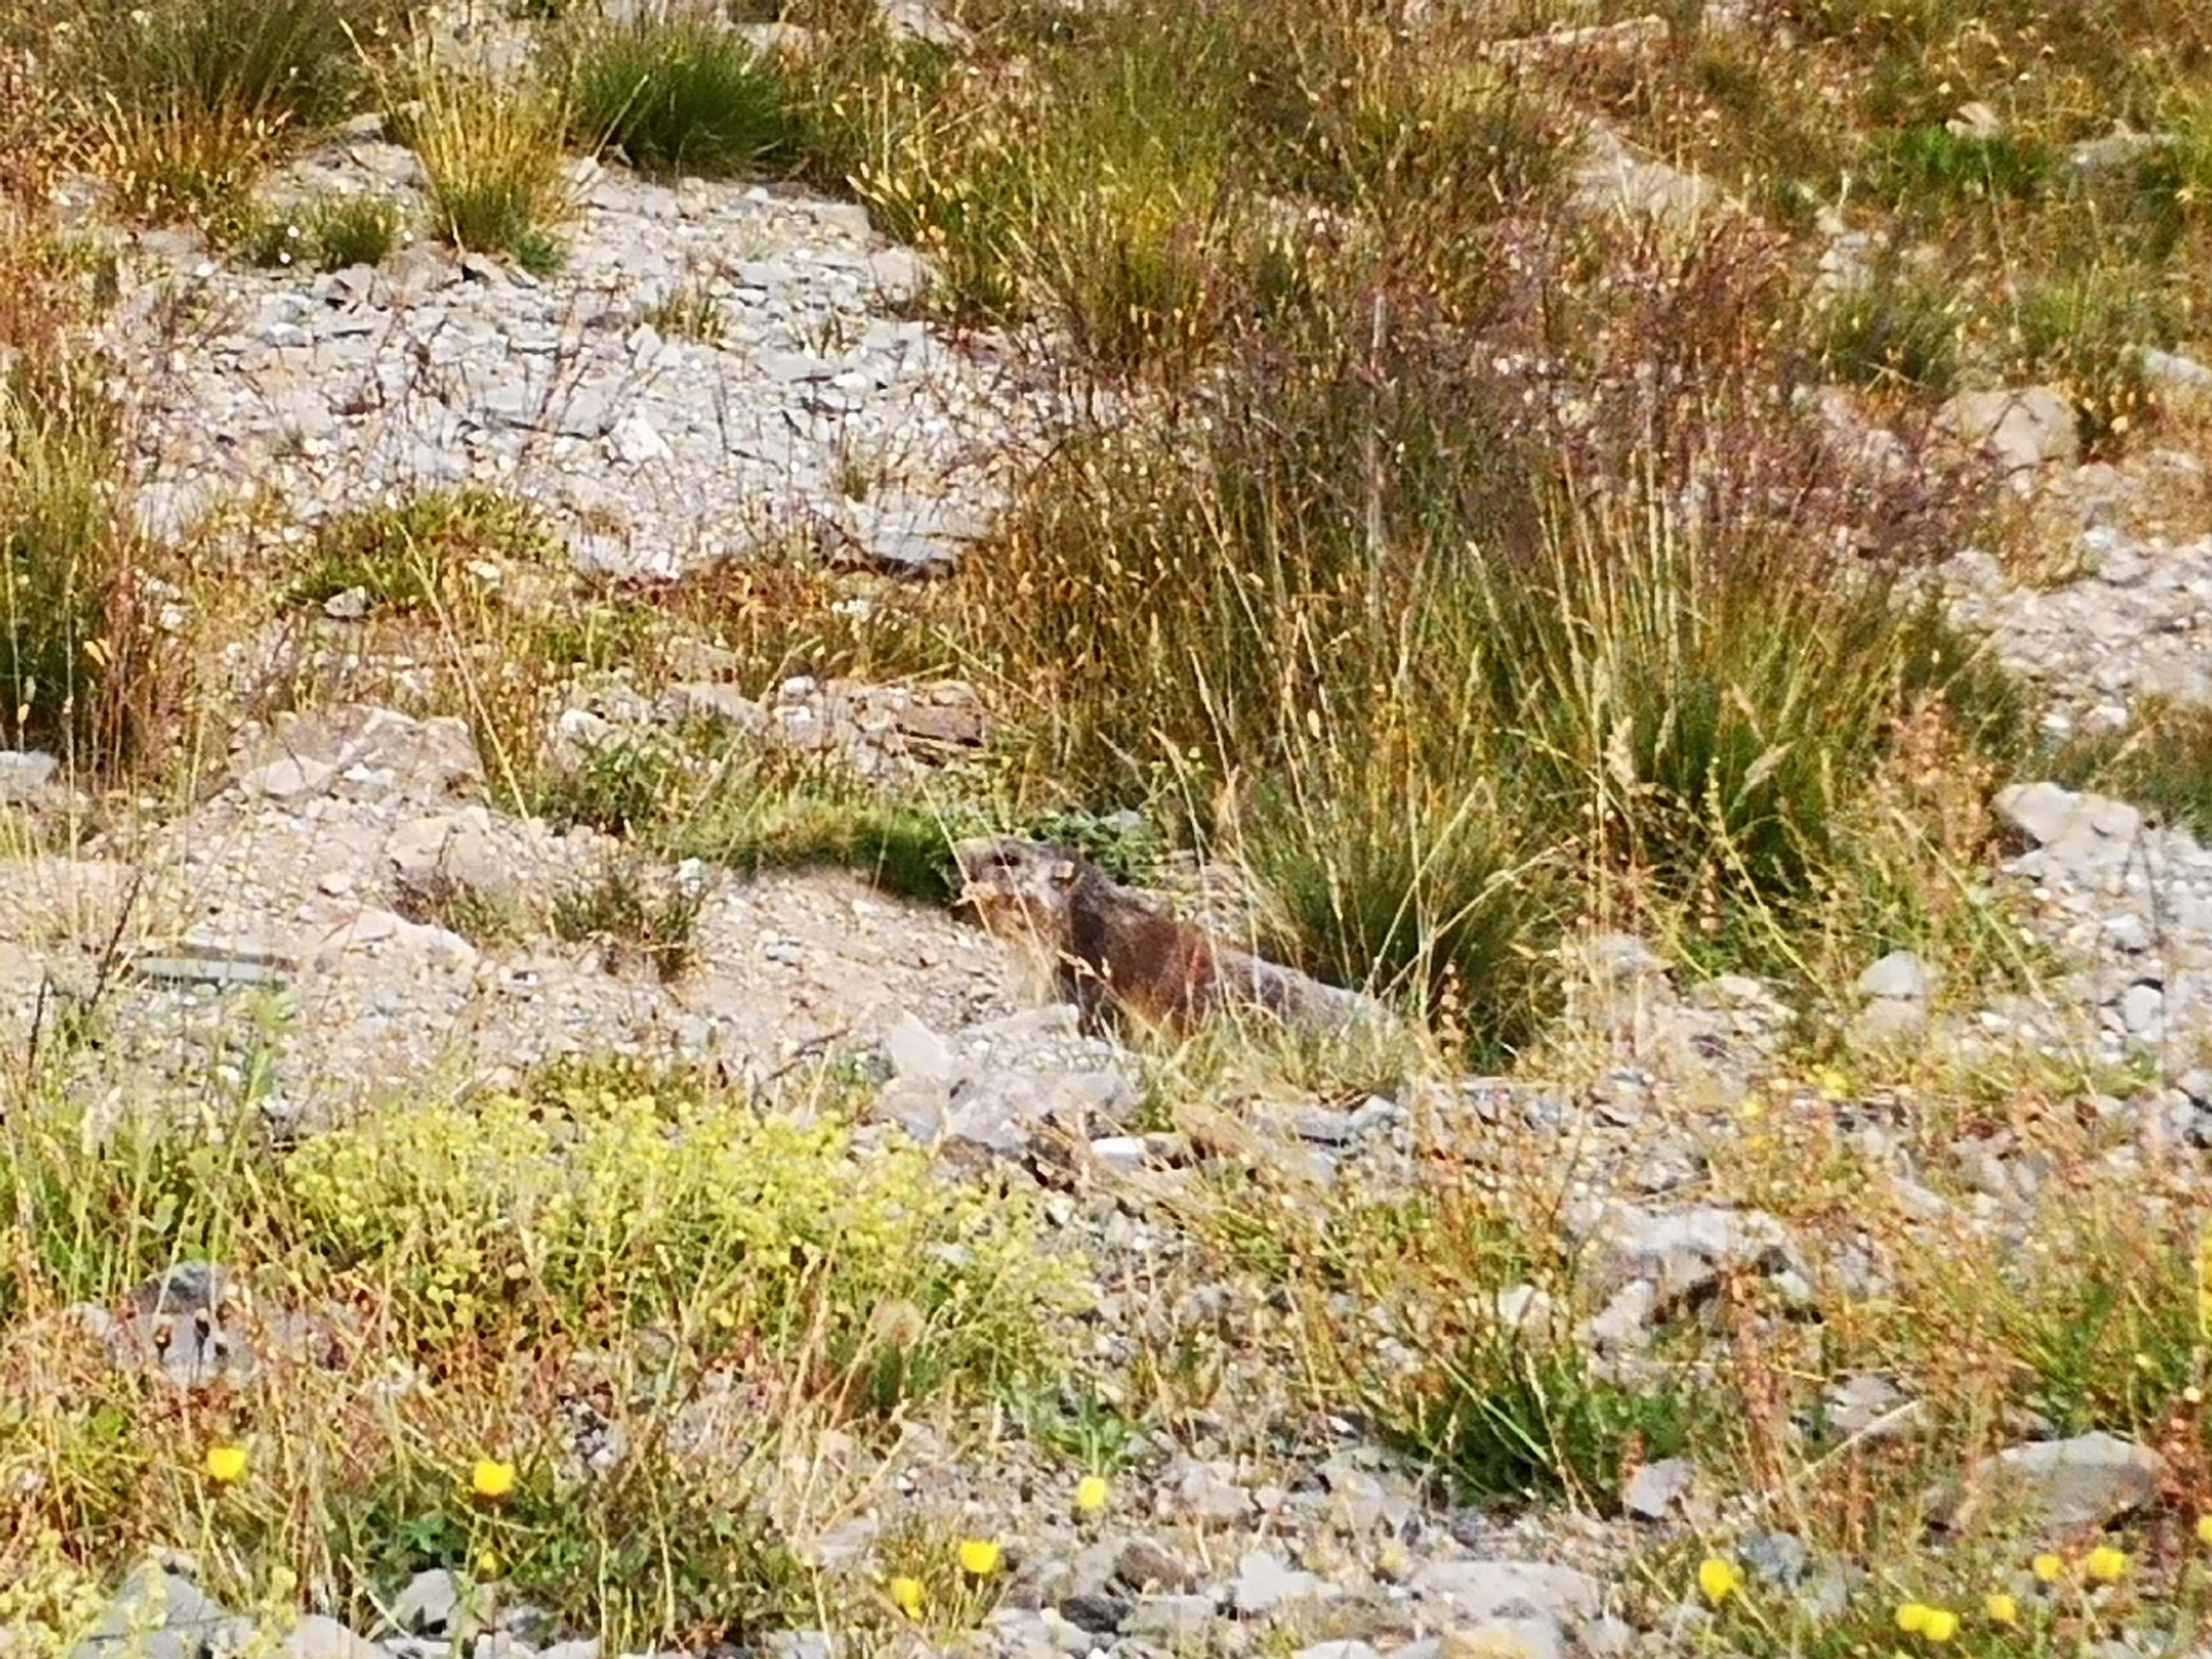 1566123042-marmotte.jpg